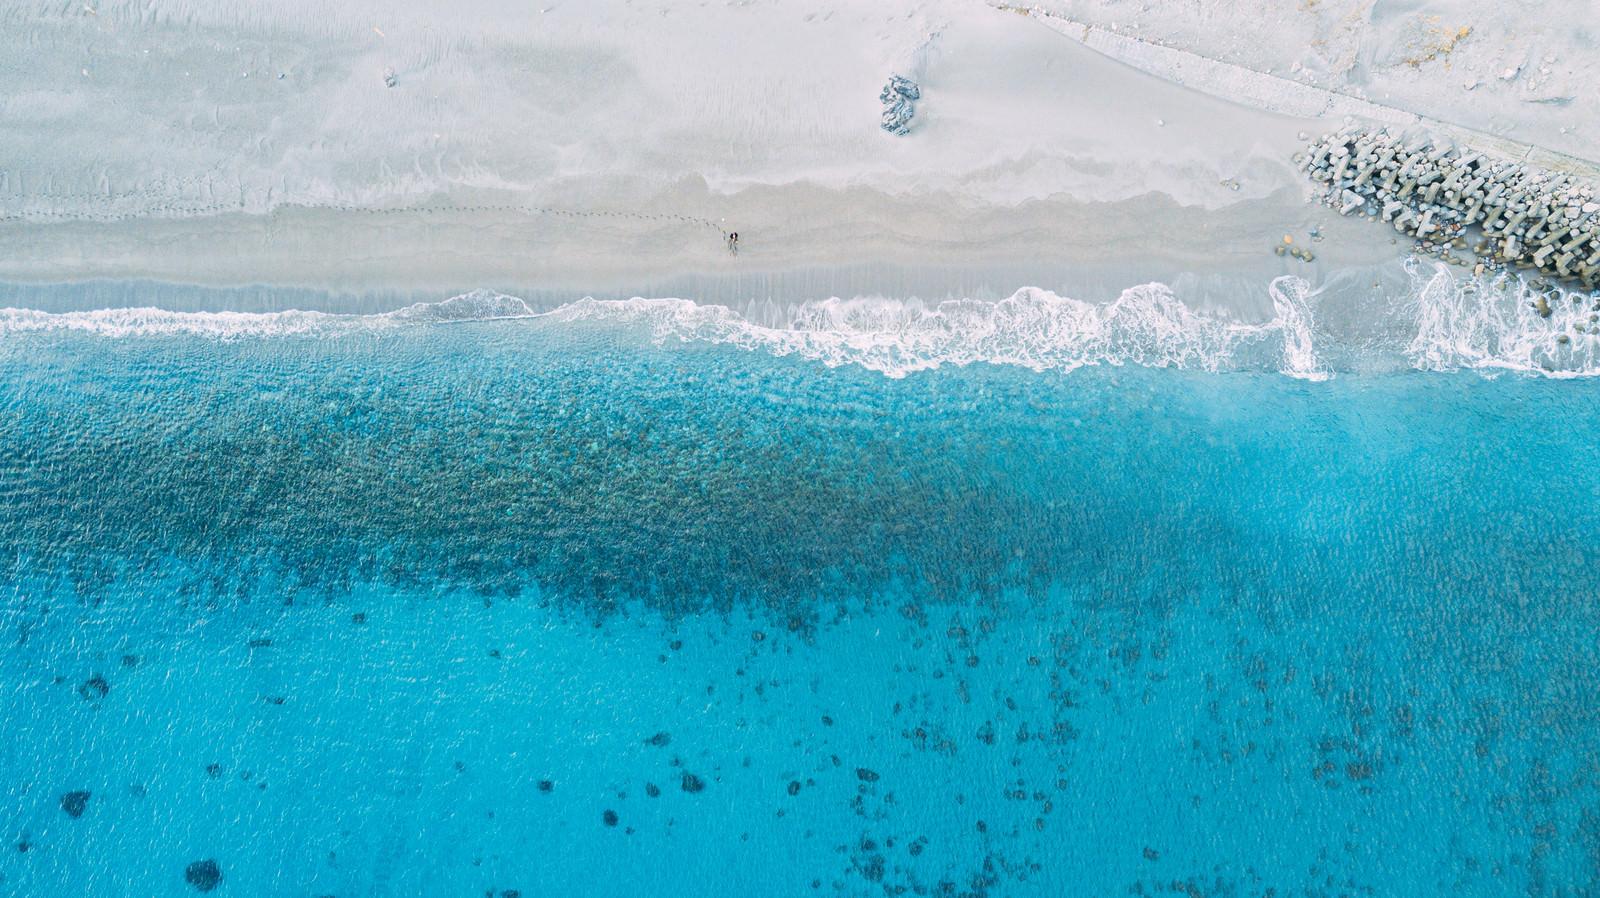 砂浜の足跡と美しい神津島の海(多幸湾)のフリー素材